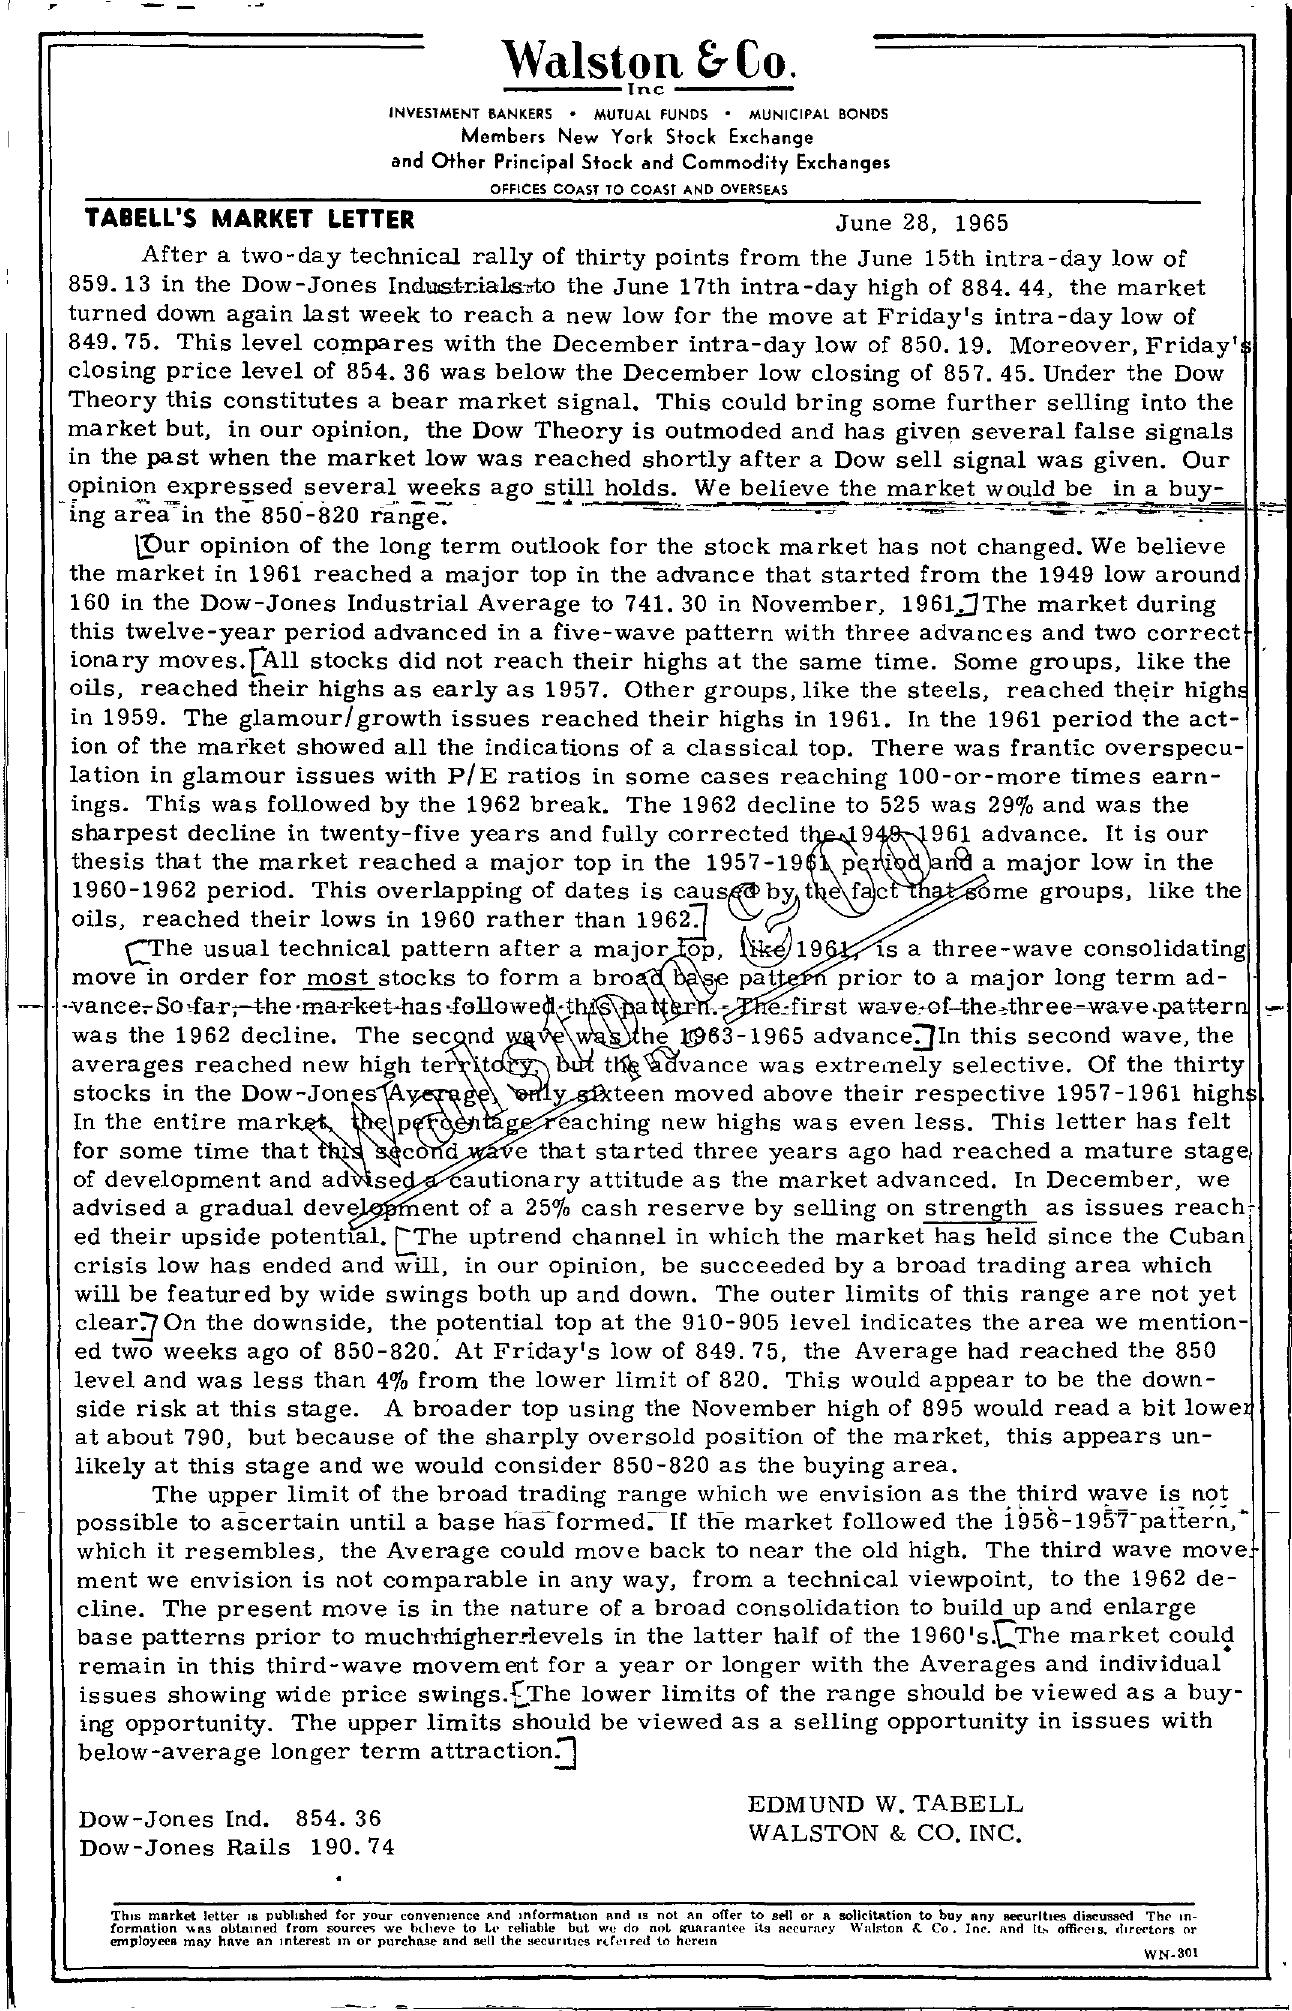 Tabell's Market Letter - June 28, 1965